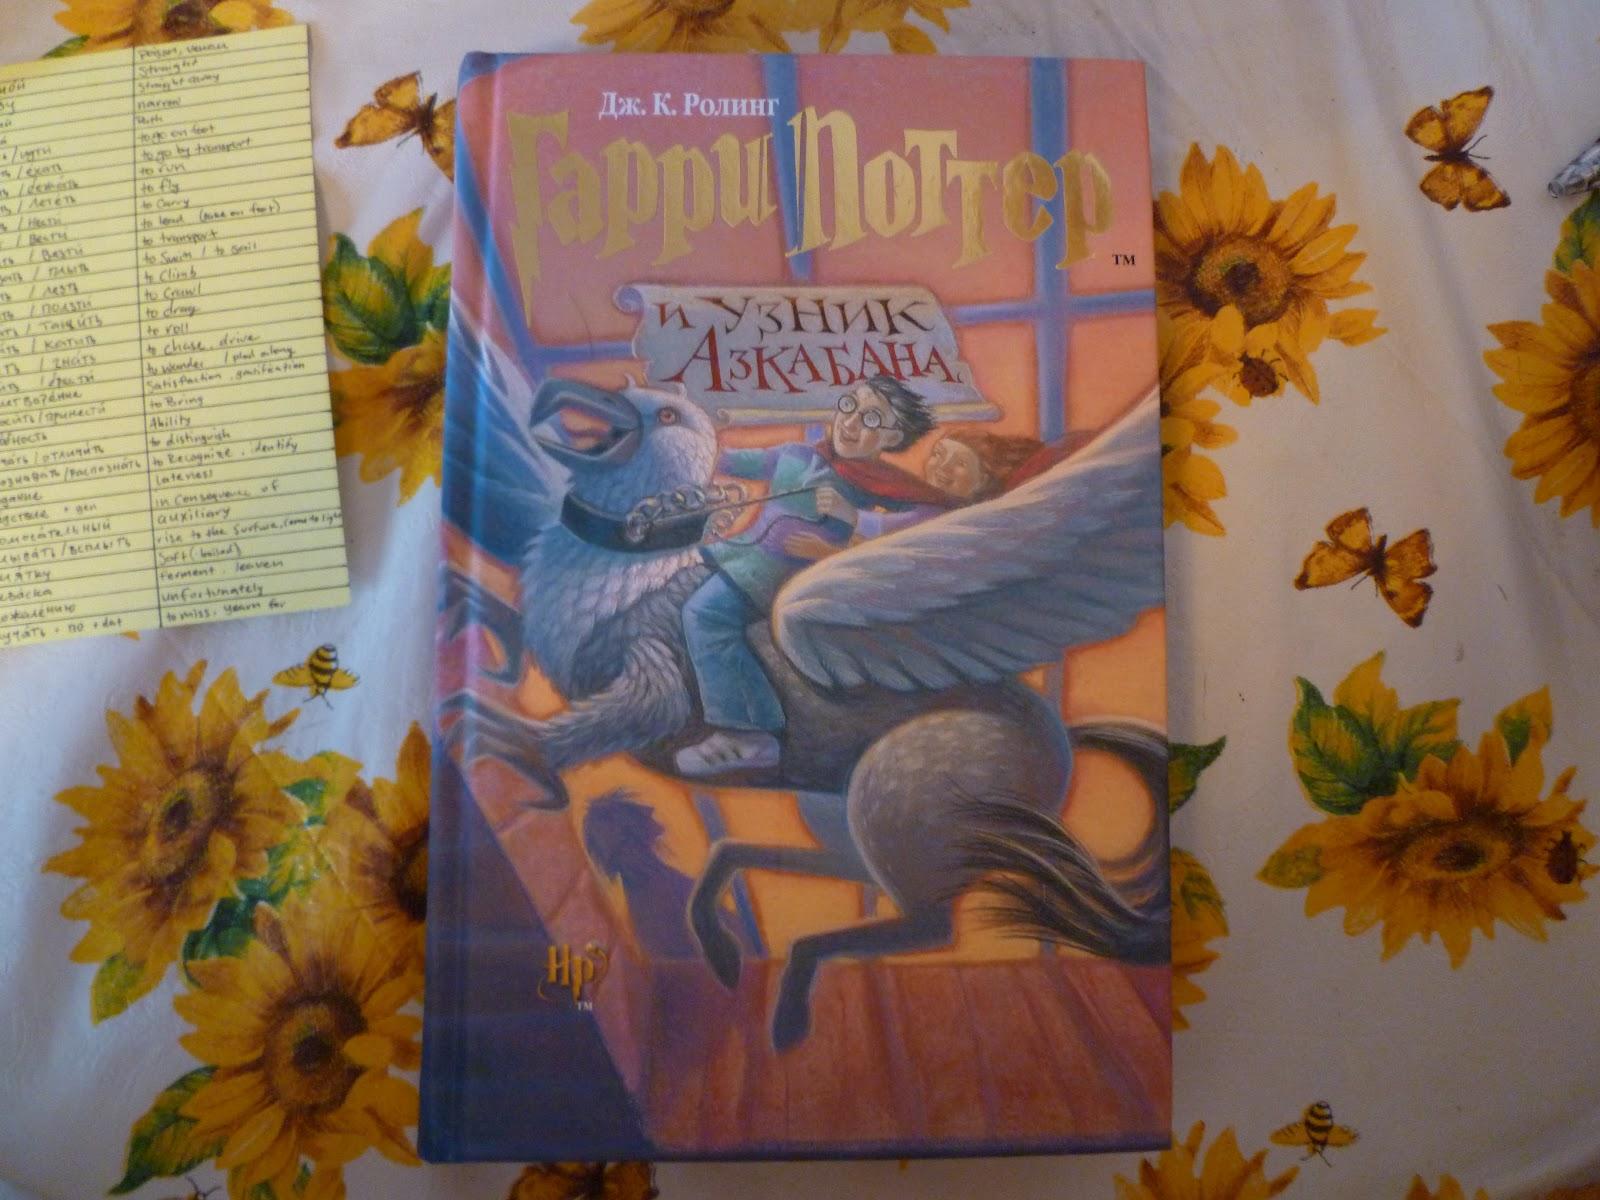 http://4.bp.blogspot.com/-WeIQaSXvyis/T6AQDO8k0TI/AAAAAAAAAfw/x4DcV4ITplY/s1600/Harry+Potter,+or+Gary+Potter.JPG